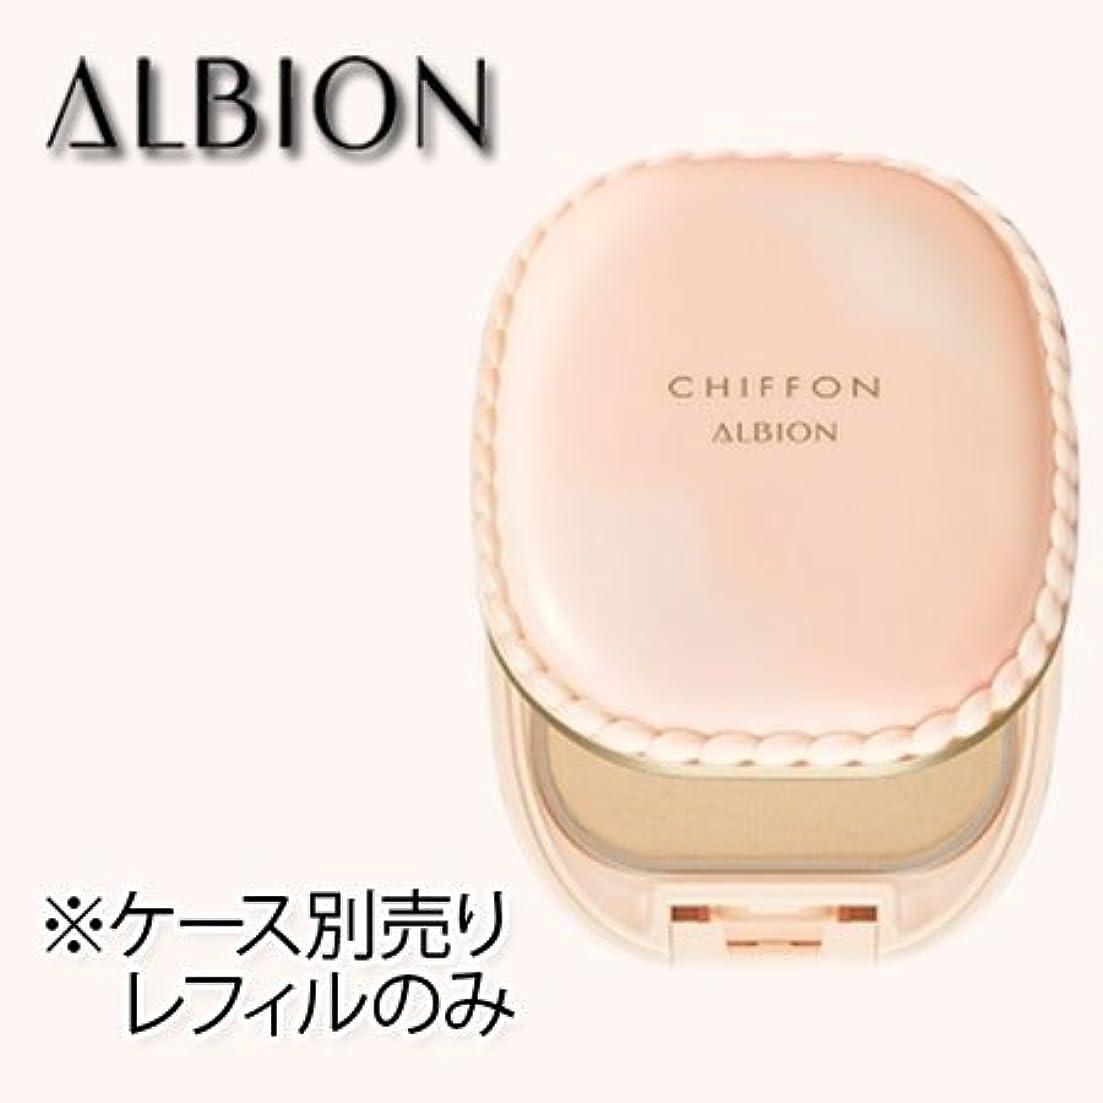 アルビオン スウィート モイスチュア シフォン (レフィル) 10g 6色 SPF22 PA++-ALBION- 060